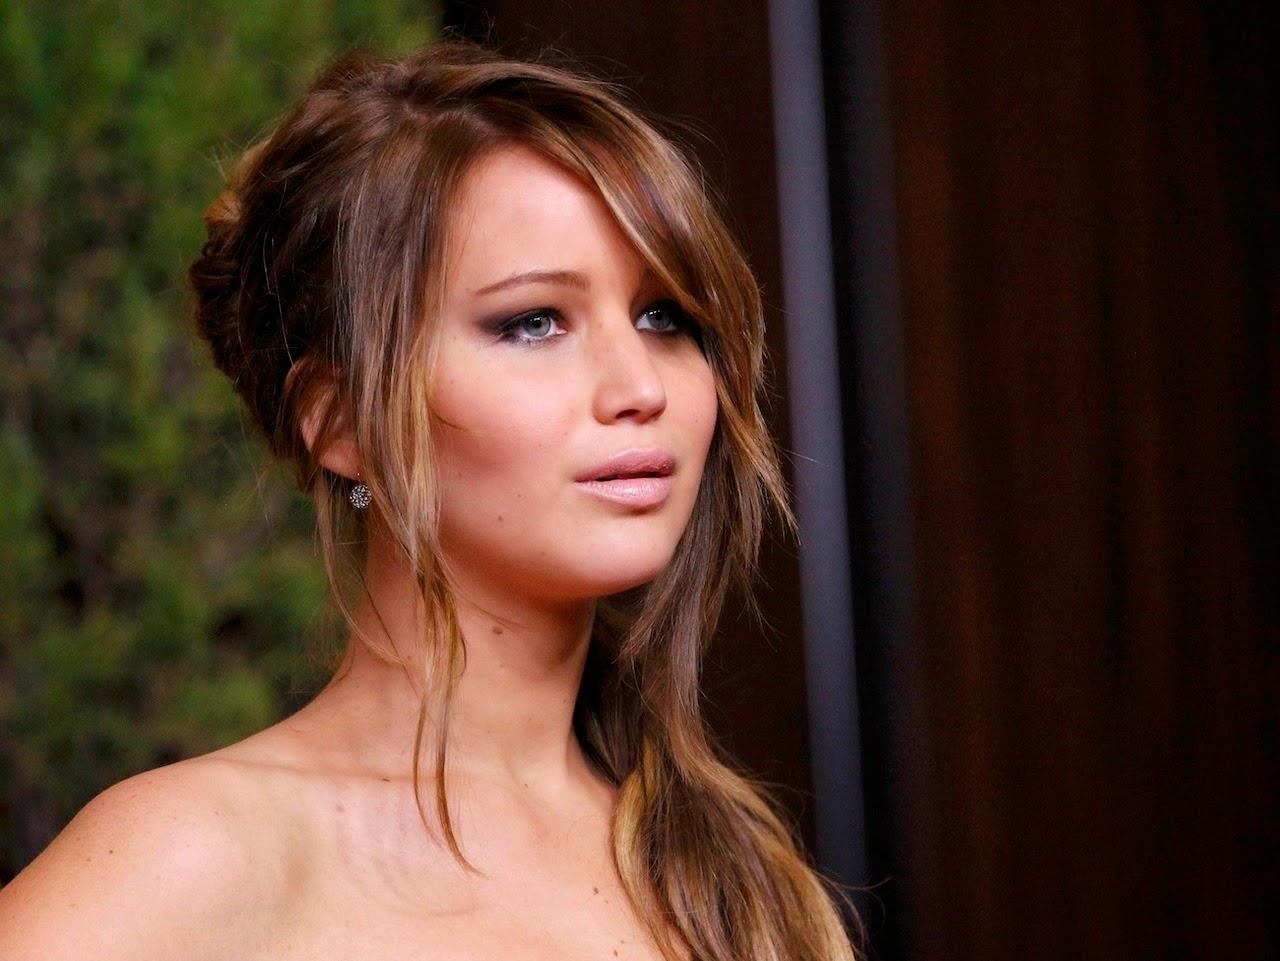 Aksi 18sx Artis Hollywood Jennifer Lawrence Menjadi Viral 2 Gambar